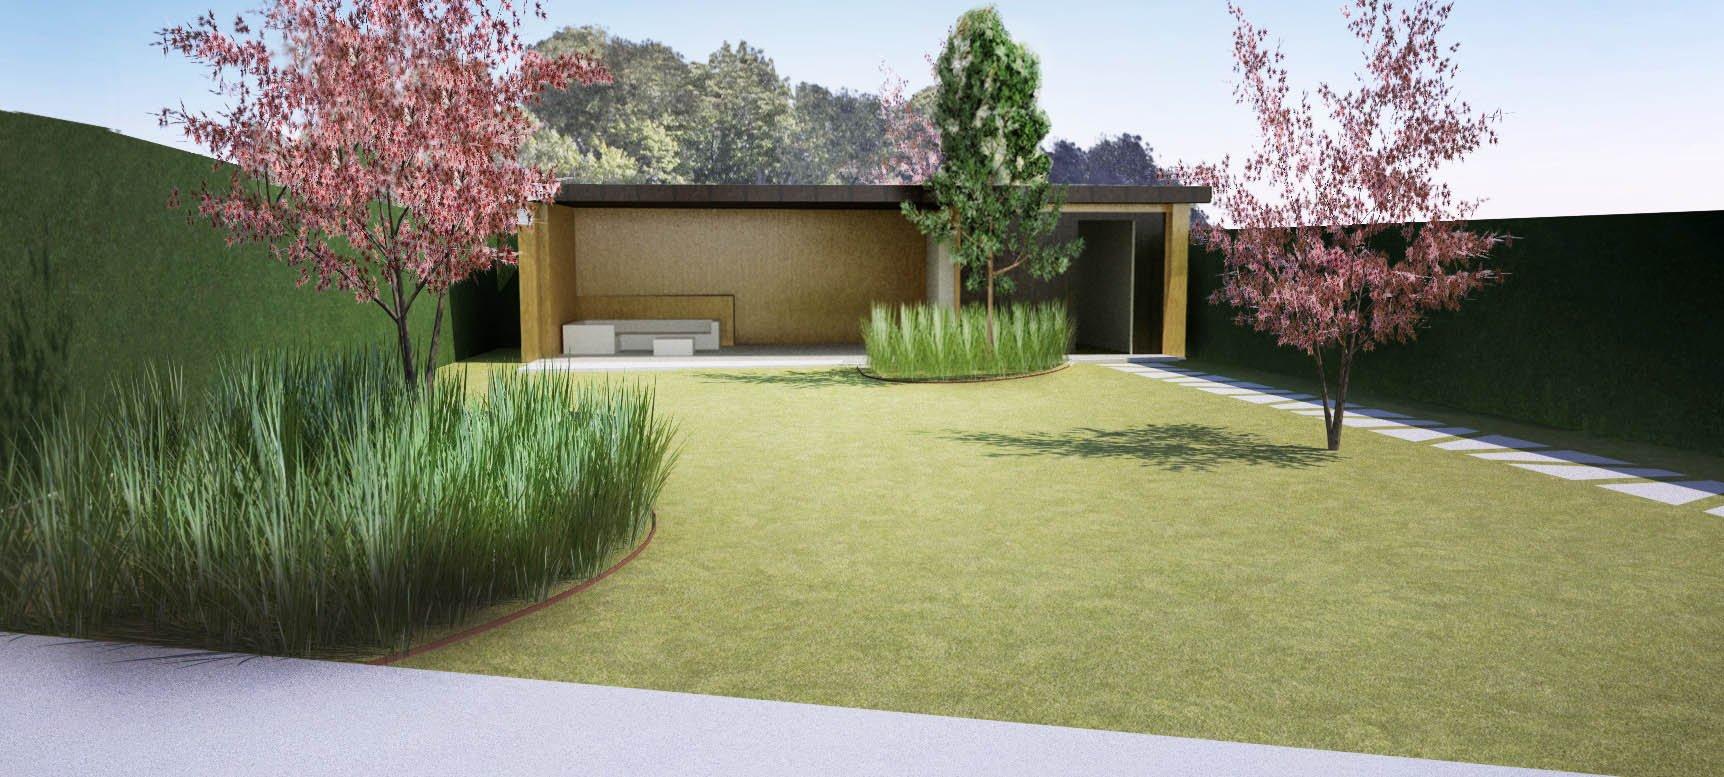 Tuinontwerp 3D Bilthoven Jeroen Hamers